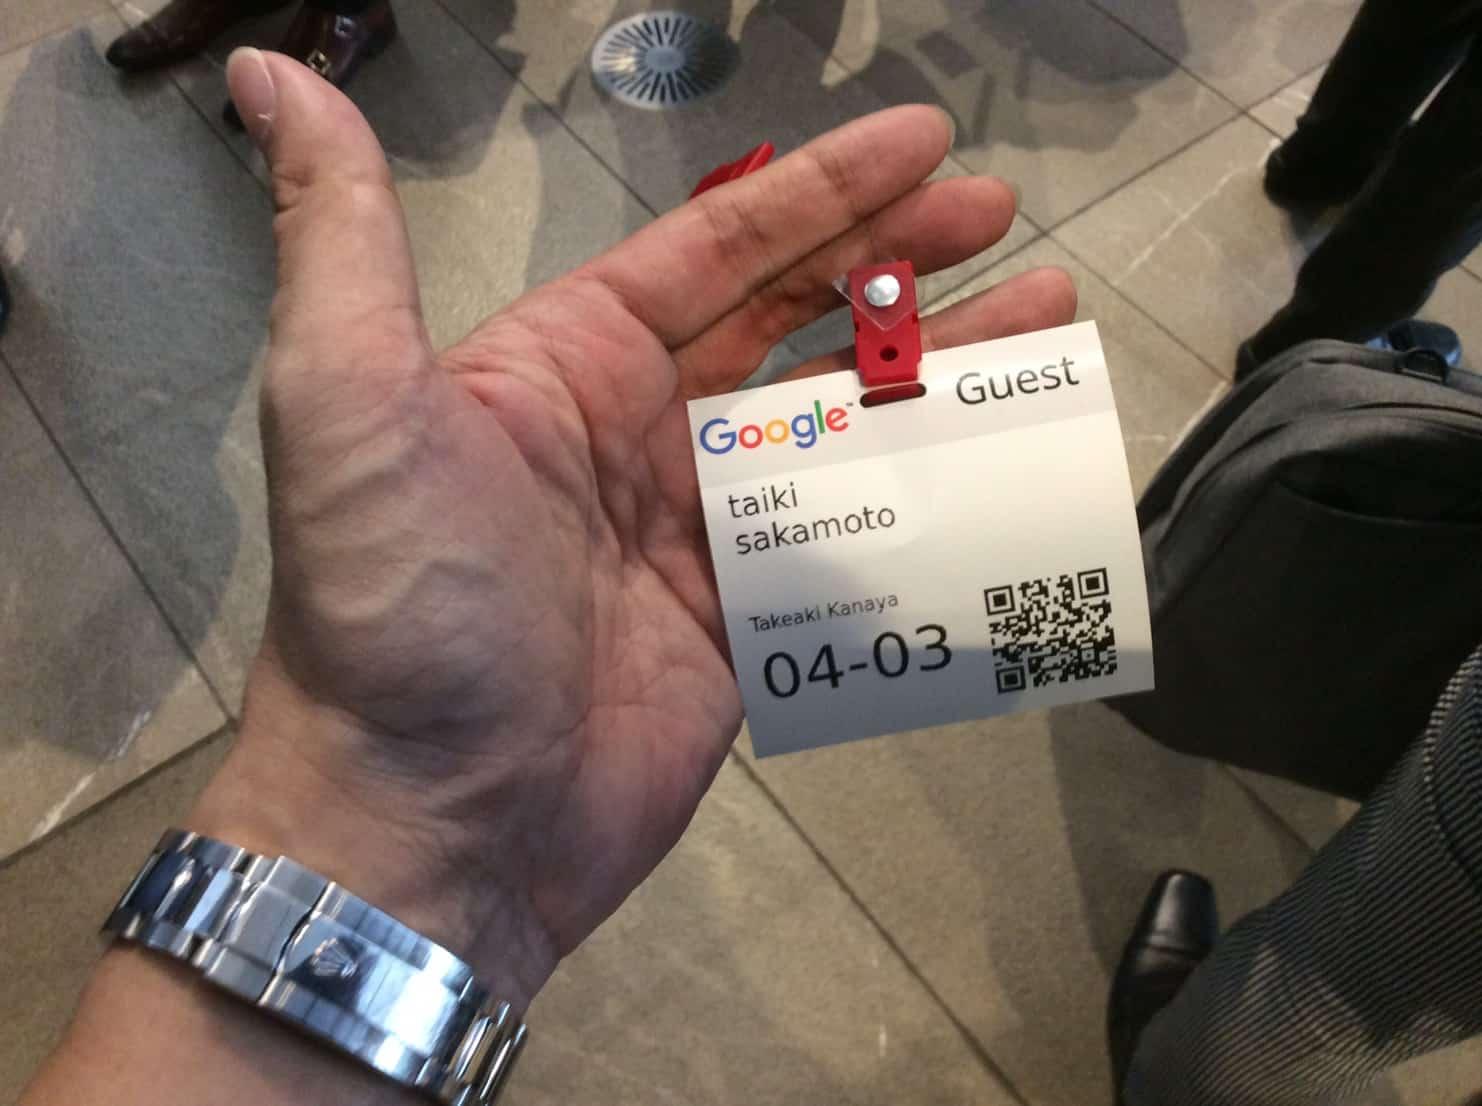 Googleのイベントにスピーカーとして登壇